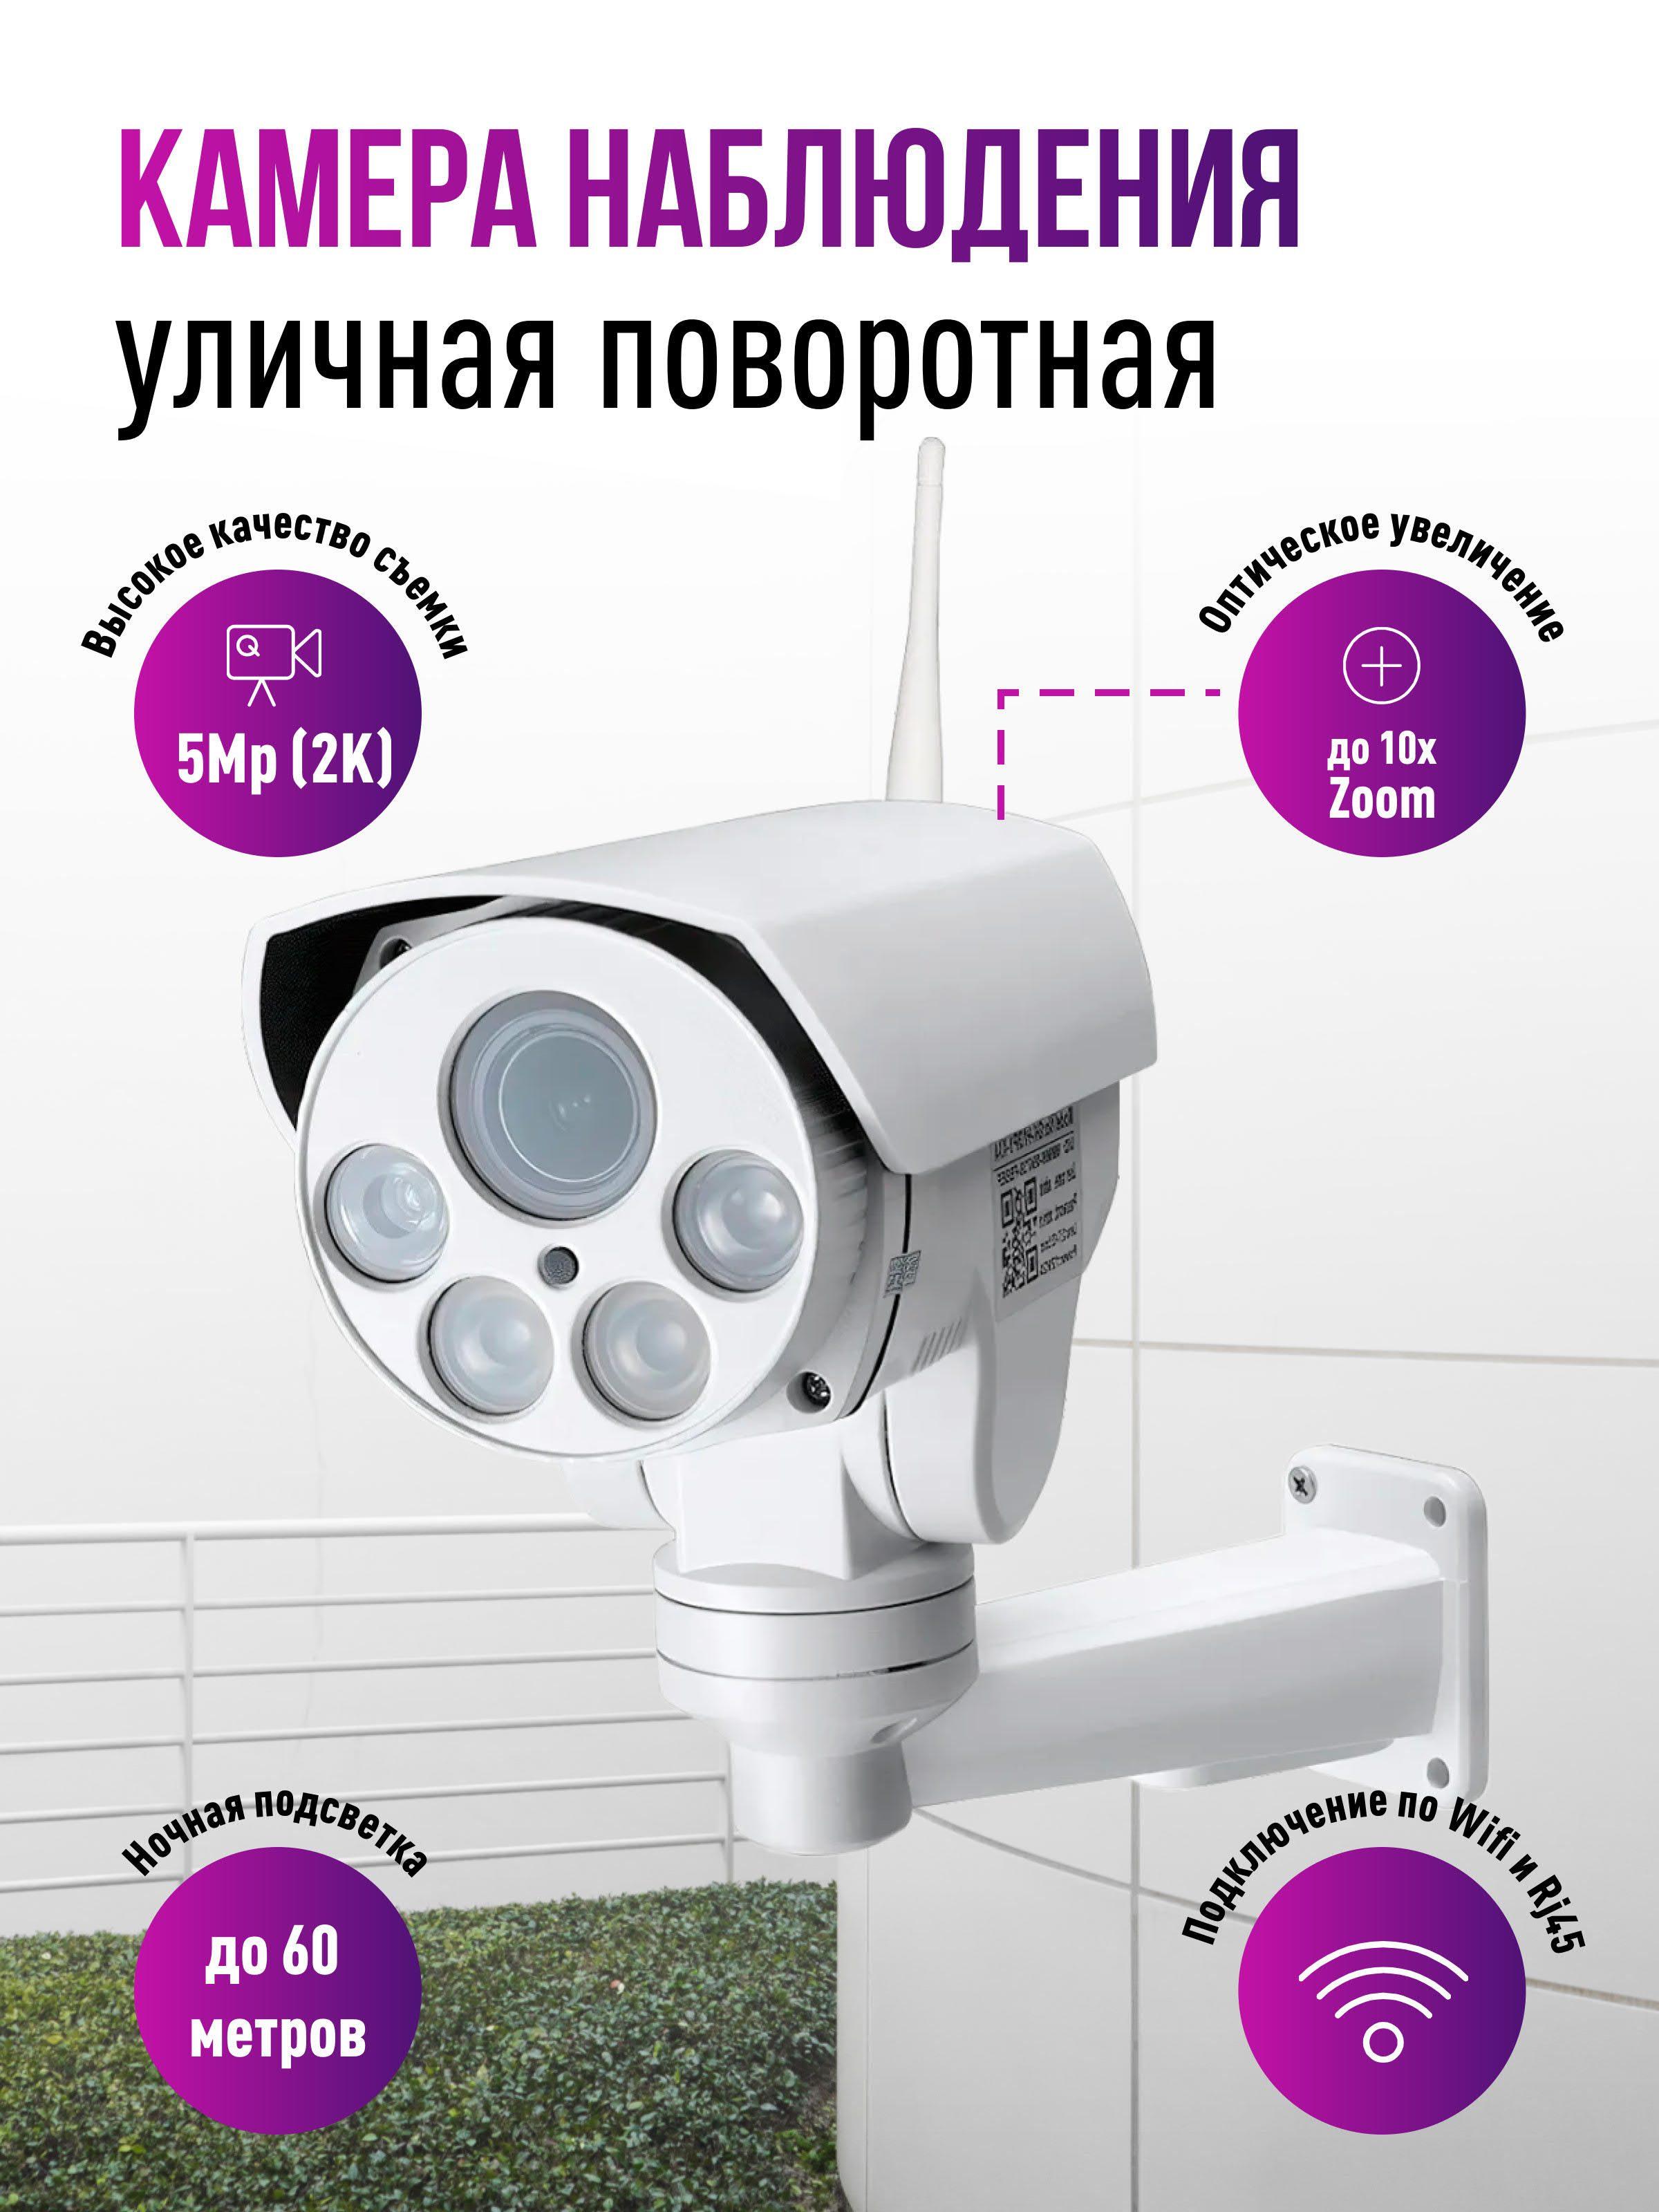 Уличная поворотная Wi-Fi IP камера c 5x(10x) zoom Millenium 433W Street PTZ